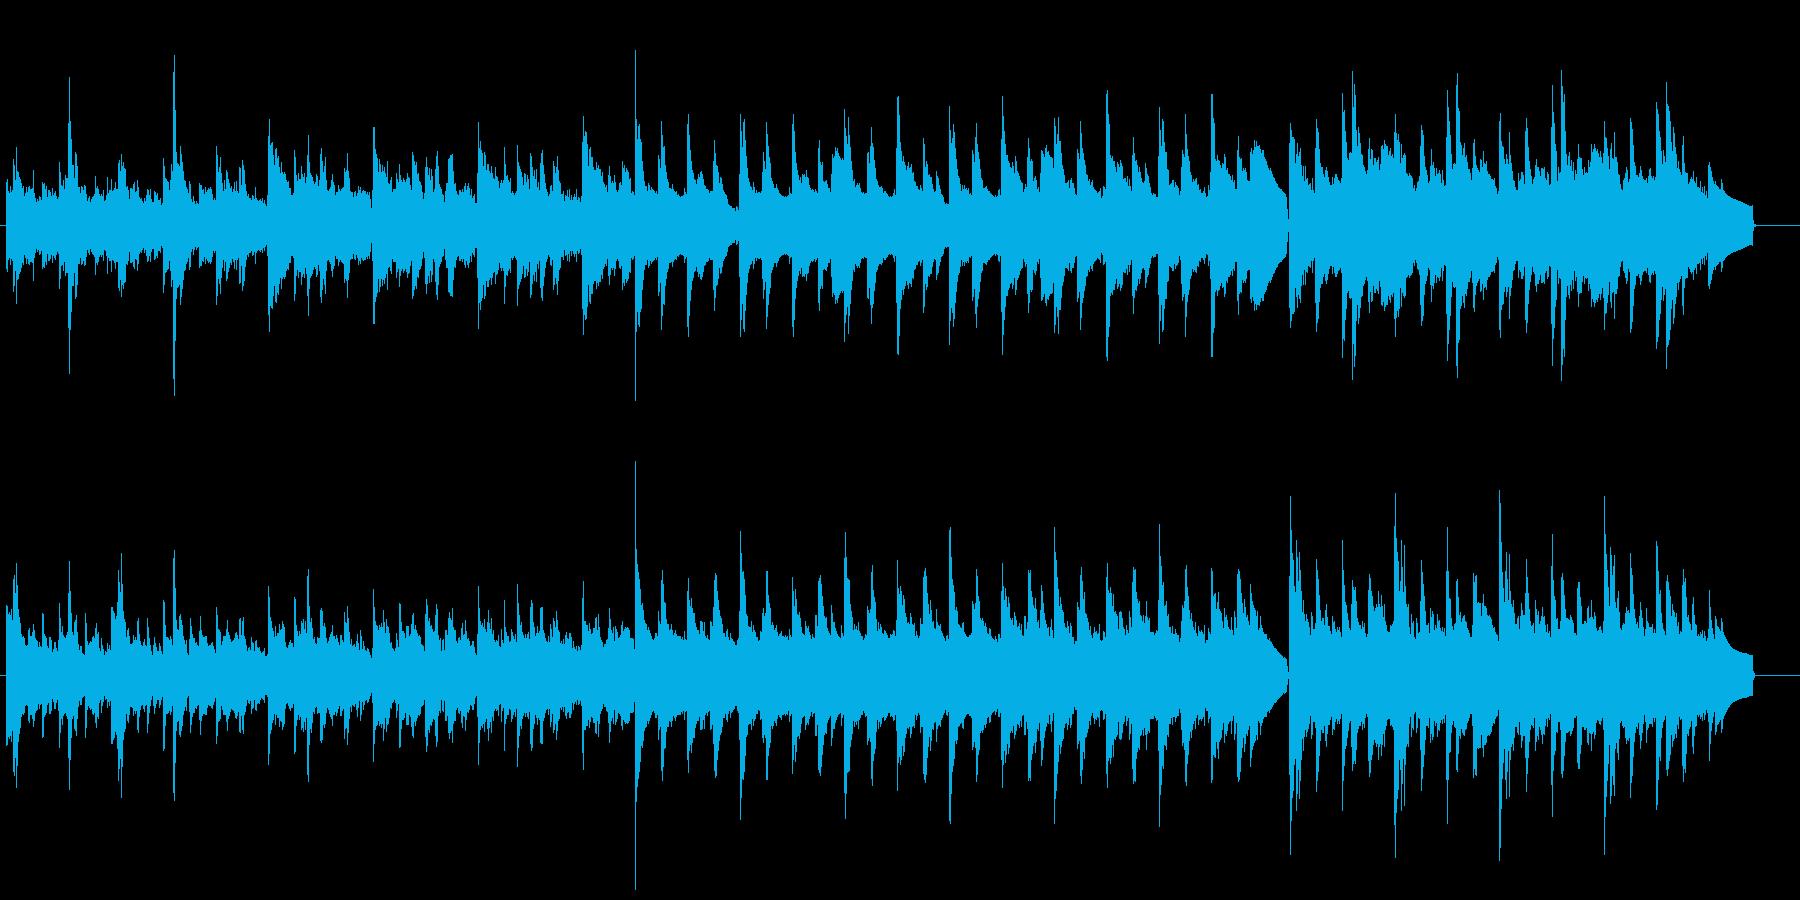 優しいスローバラードの再生済みの波形